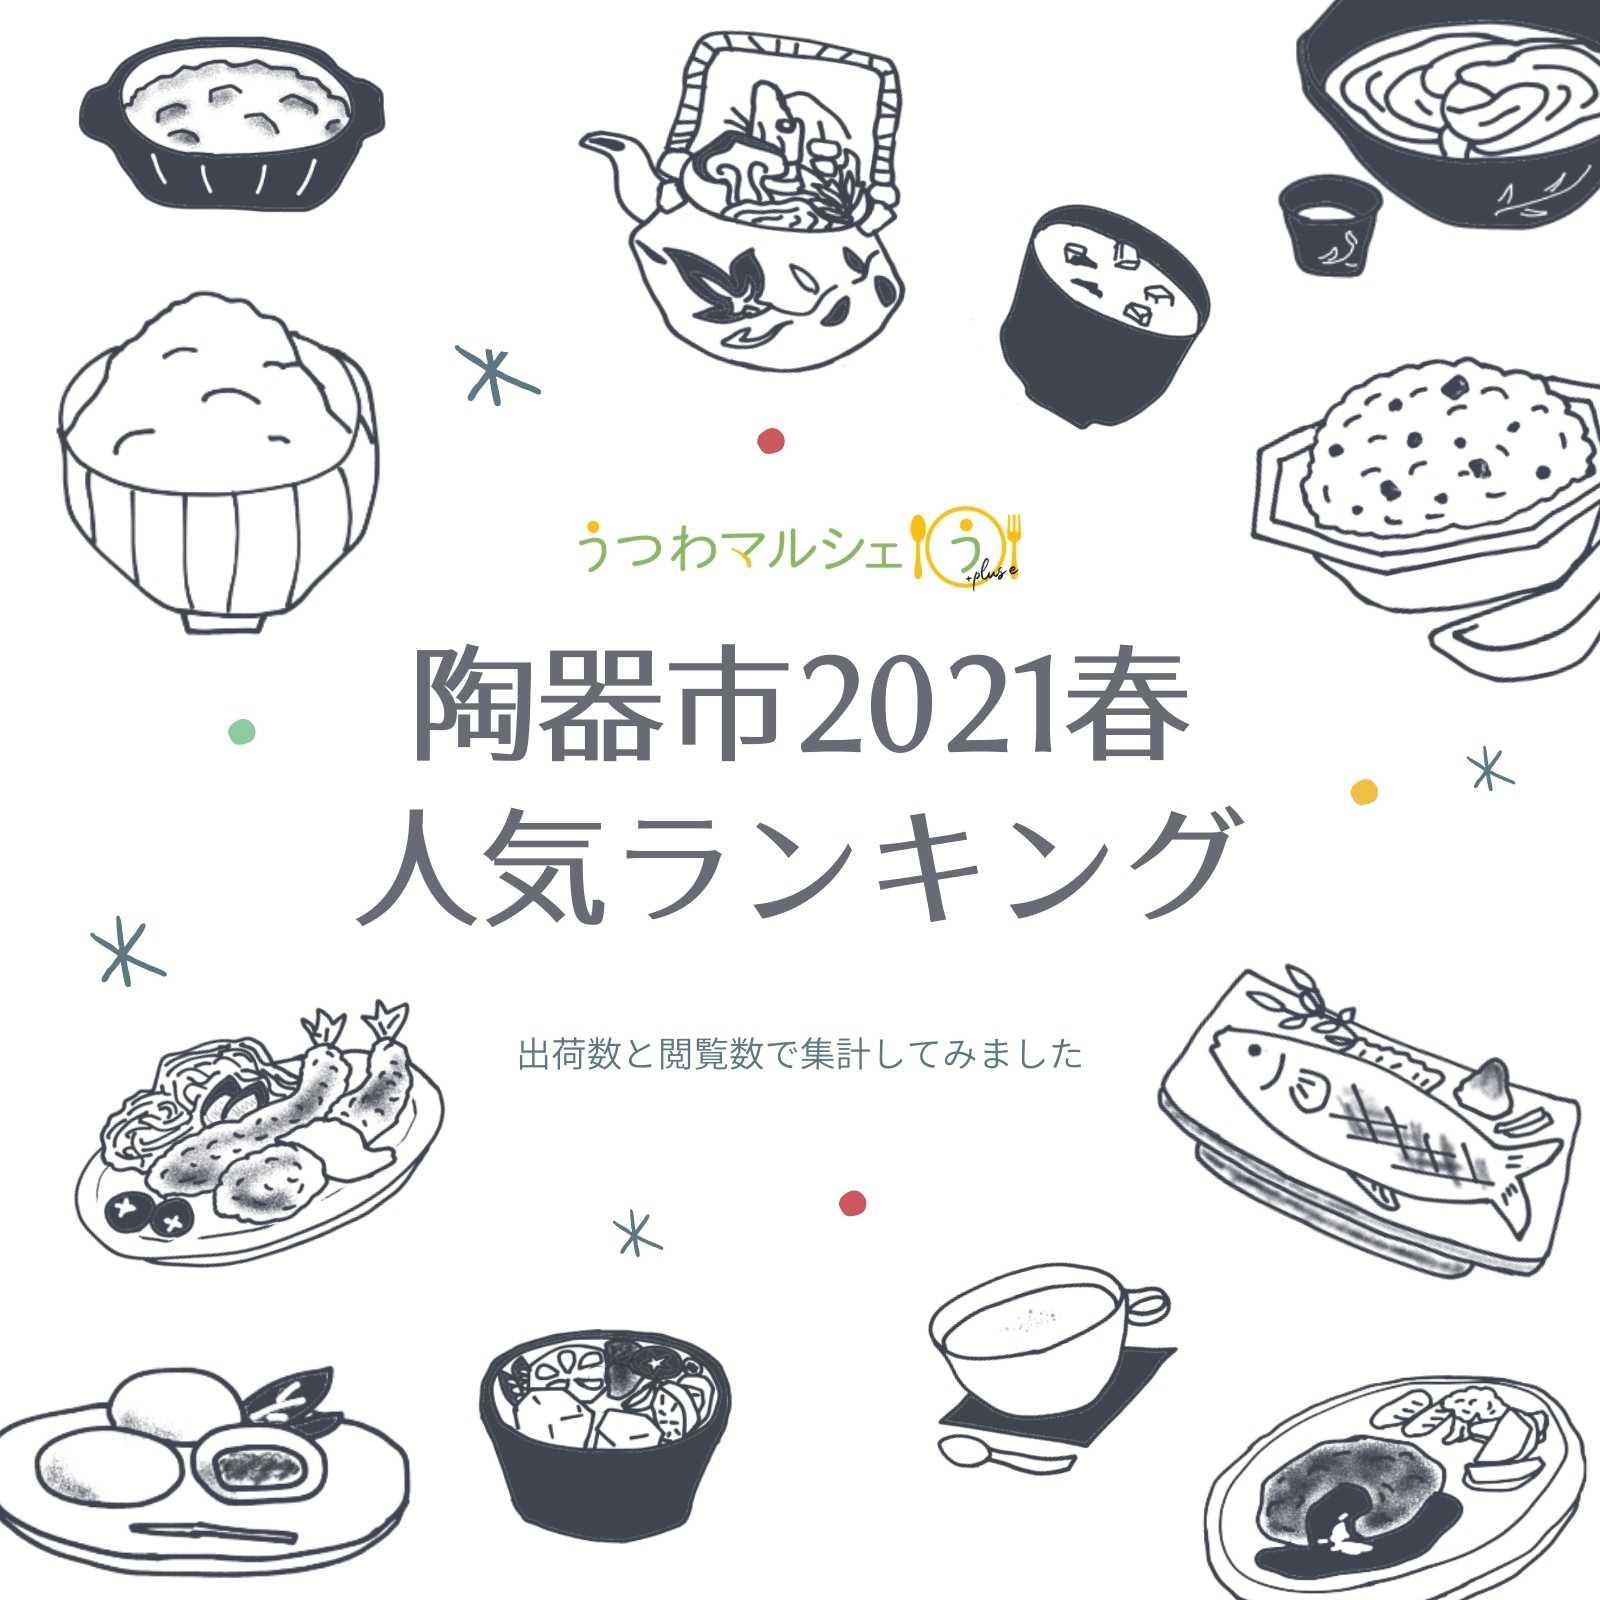 【オンライン陶器市】うつわマルシェの陶器市 2021春 ~人気ランキング~